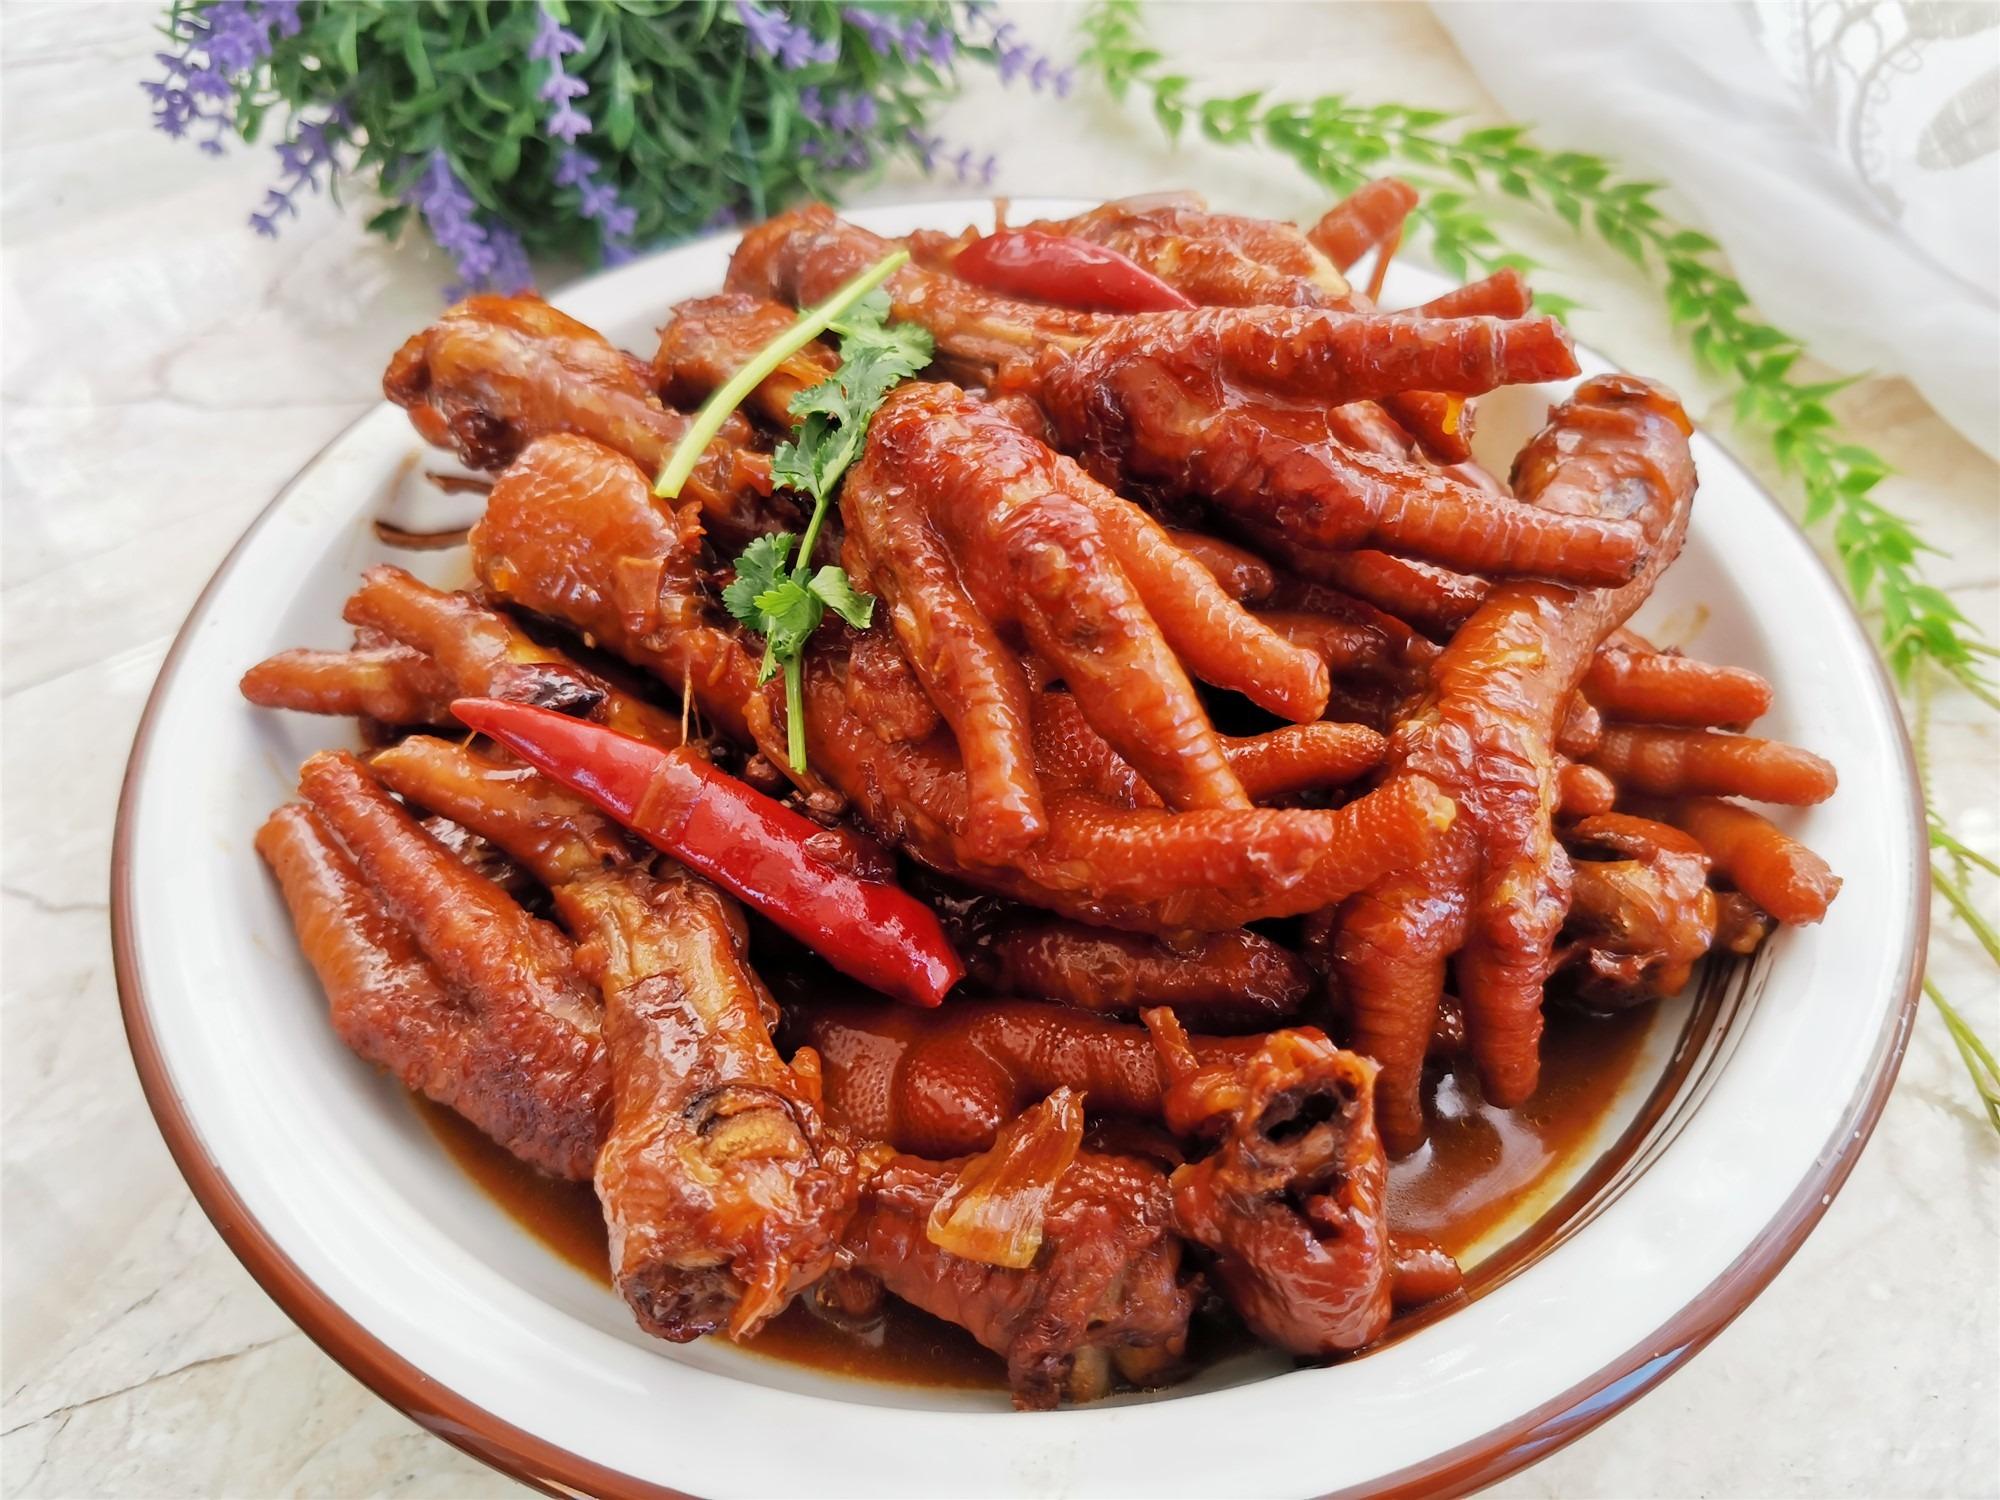 春節家宴下酒硬菜,紅燒雞爪的家常做法,不腥還入味,特別受歡迎